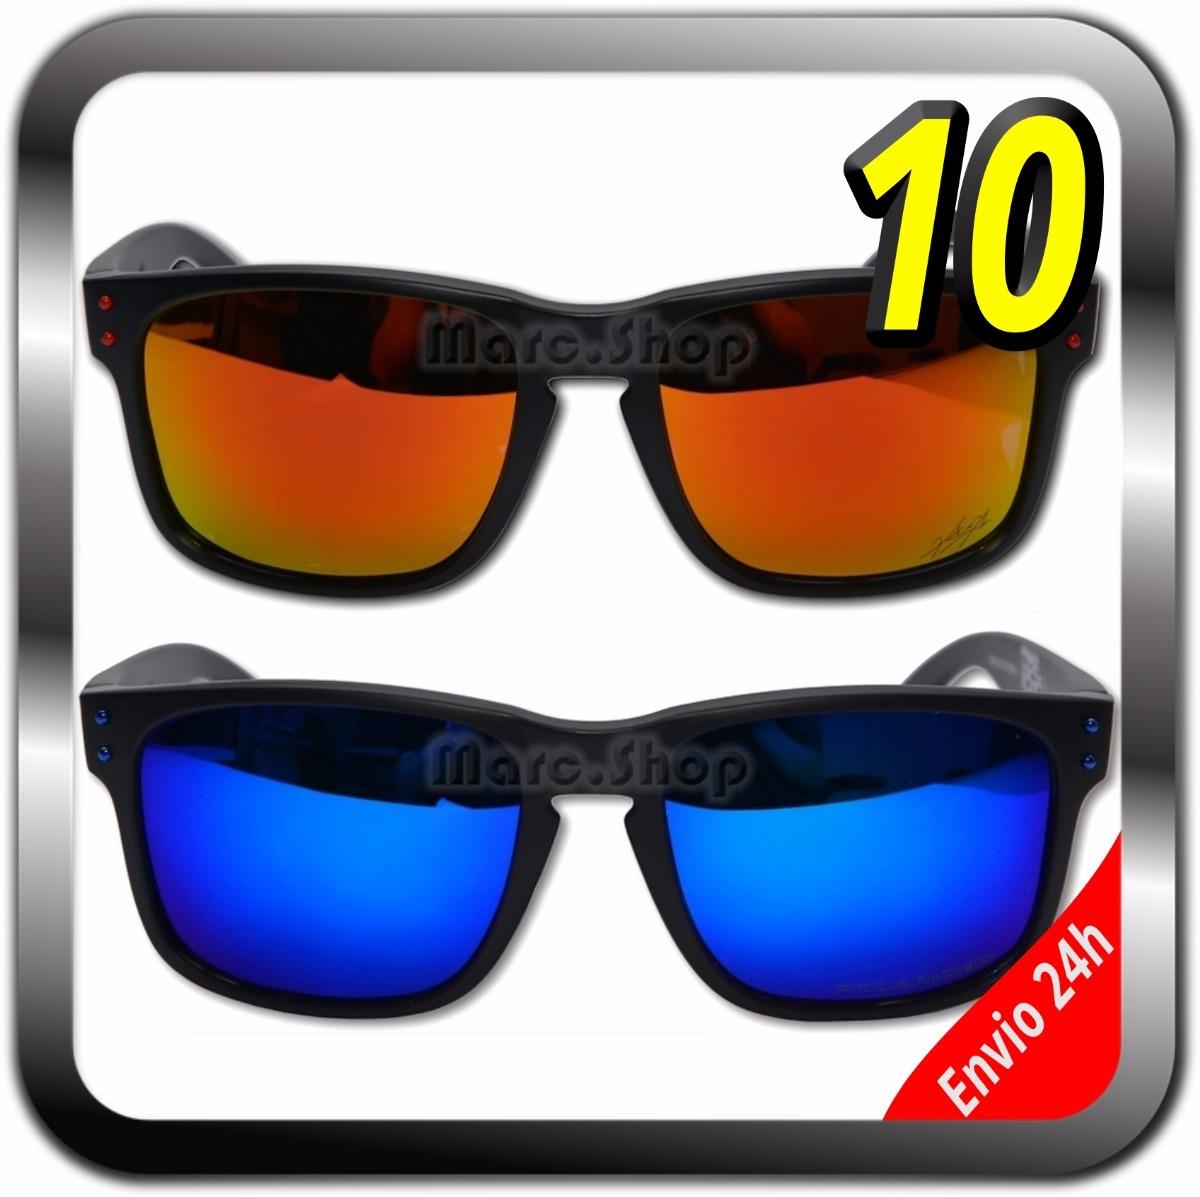 Holbrook Kit Atacado Óculos De Sol Polarizado - R  379,48 em Mercado ... 91e4c8b2e3